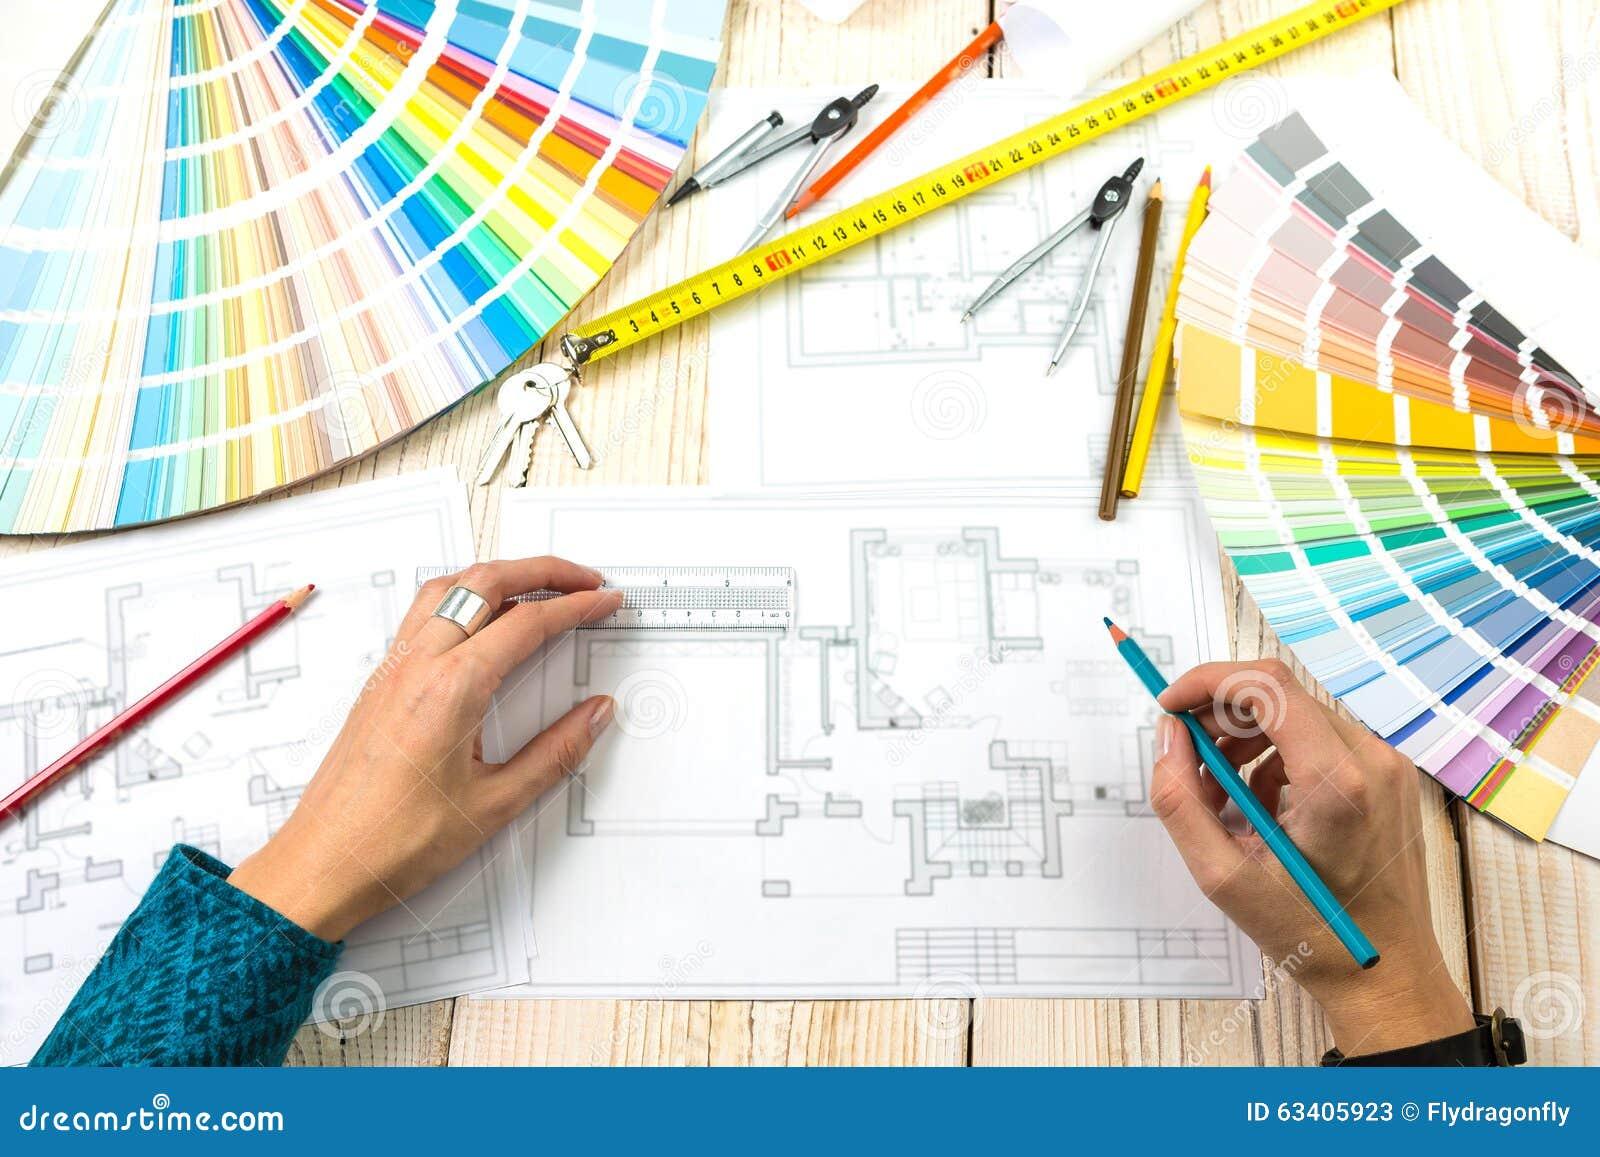 Local de trabalho do decorador do arquiteto do desenhista for Decorador de fotos